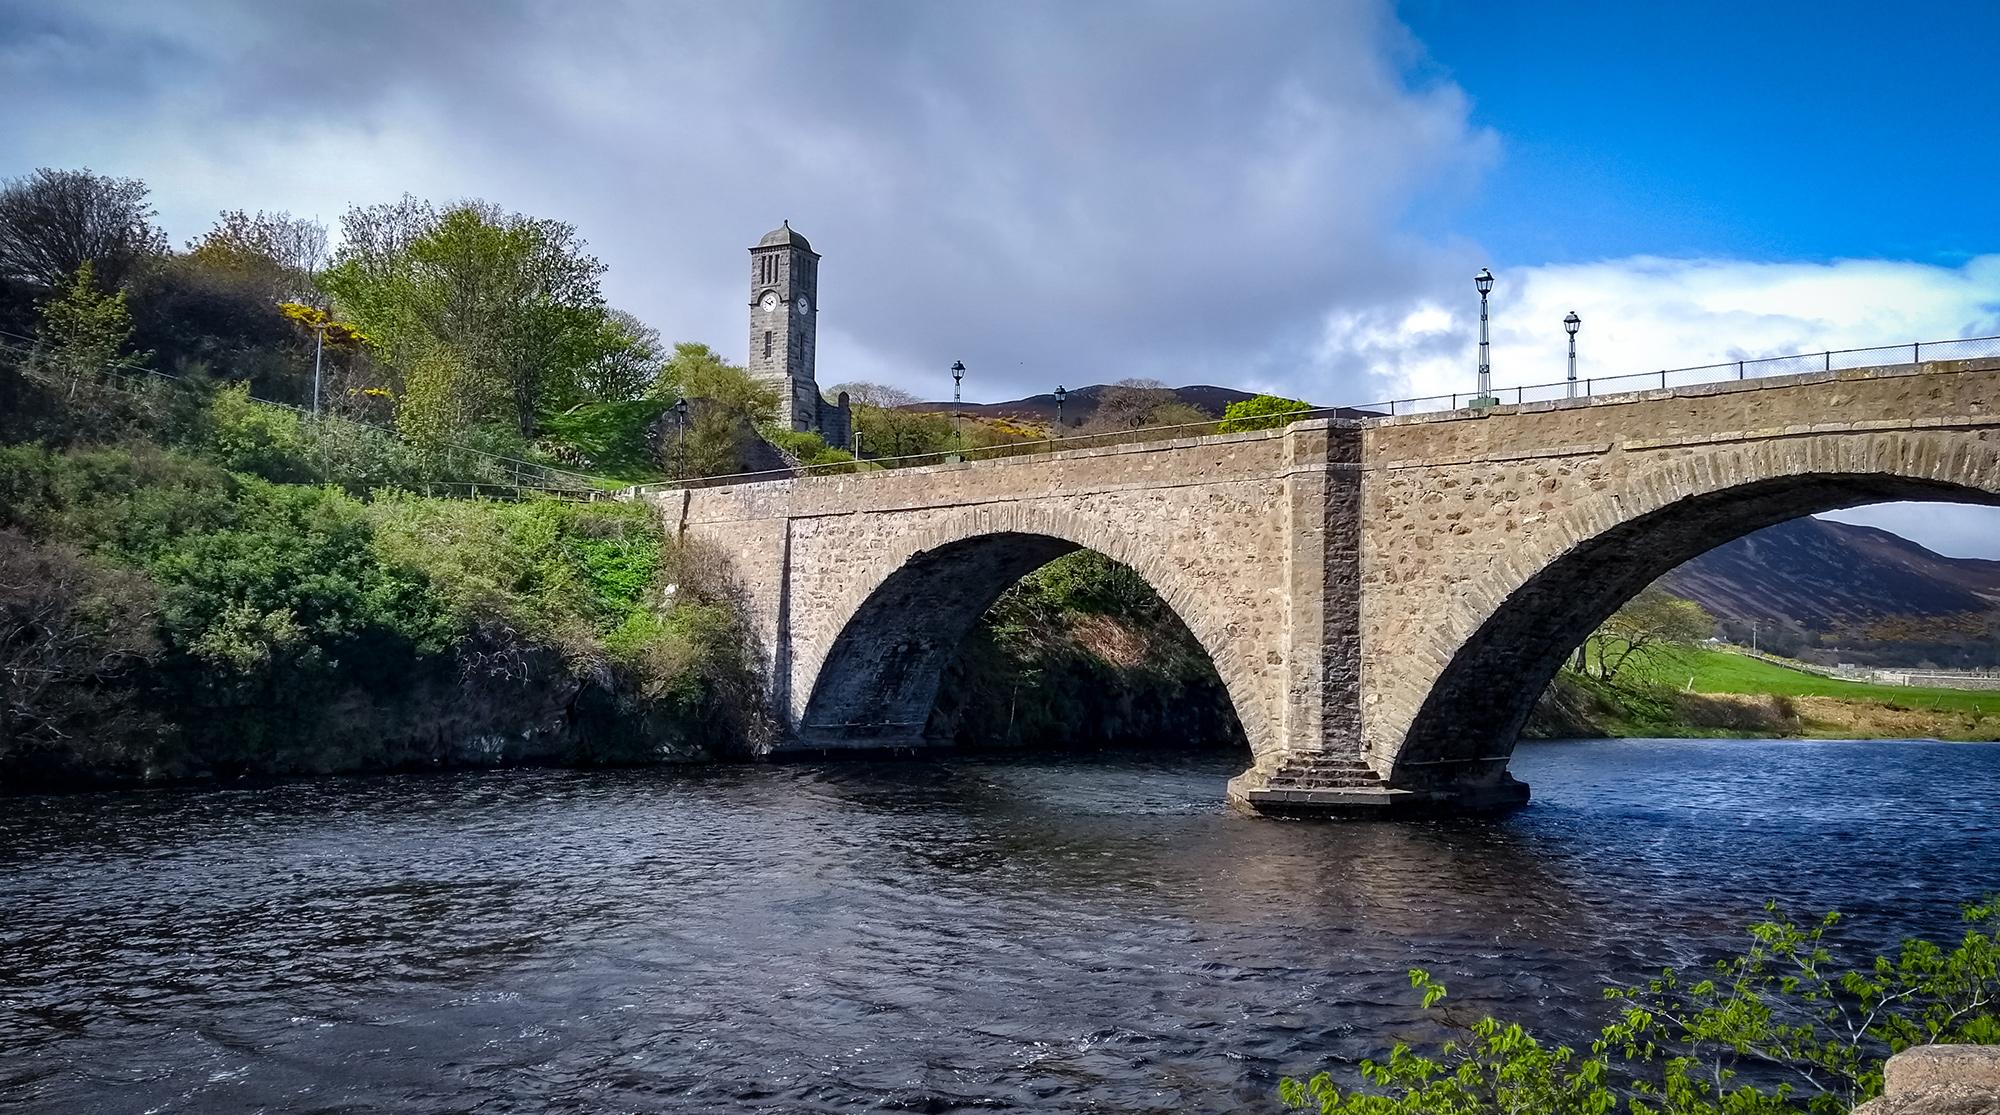 Steinbrücke über en Fluss Helmsdale mit Kirchturm im Hintergrund